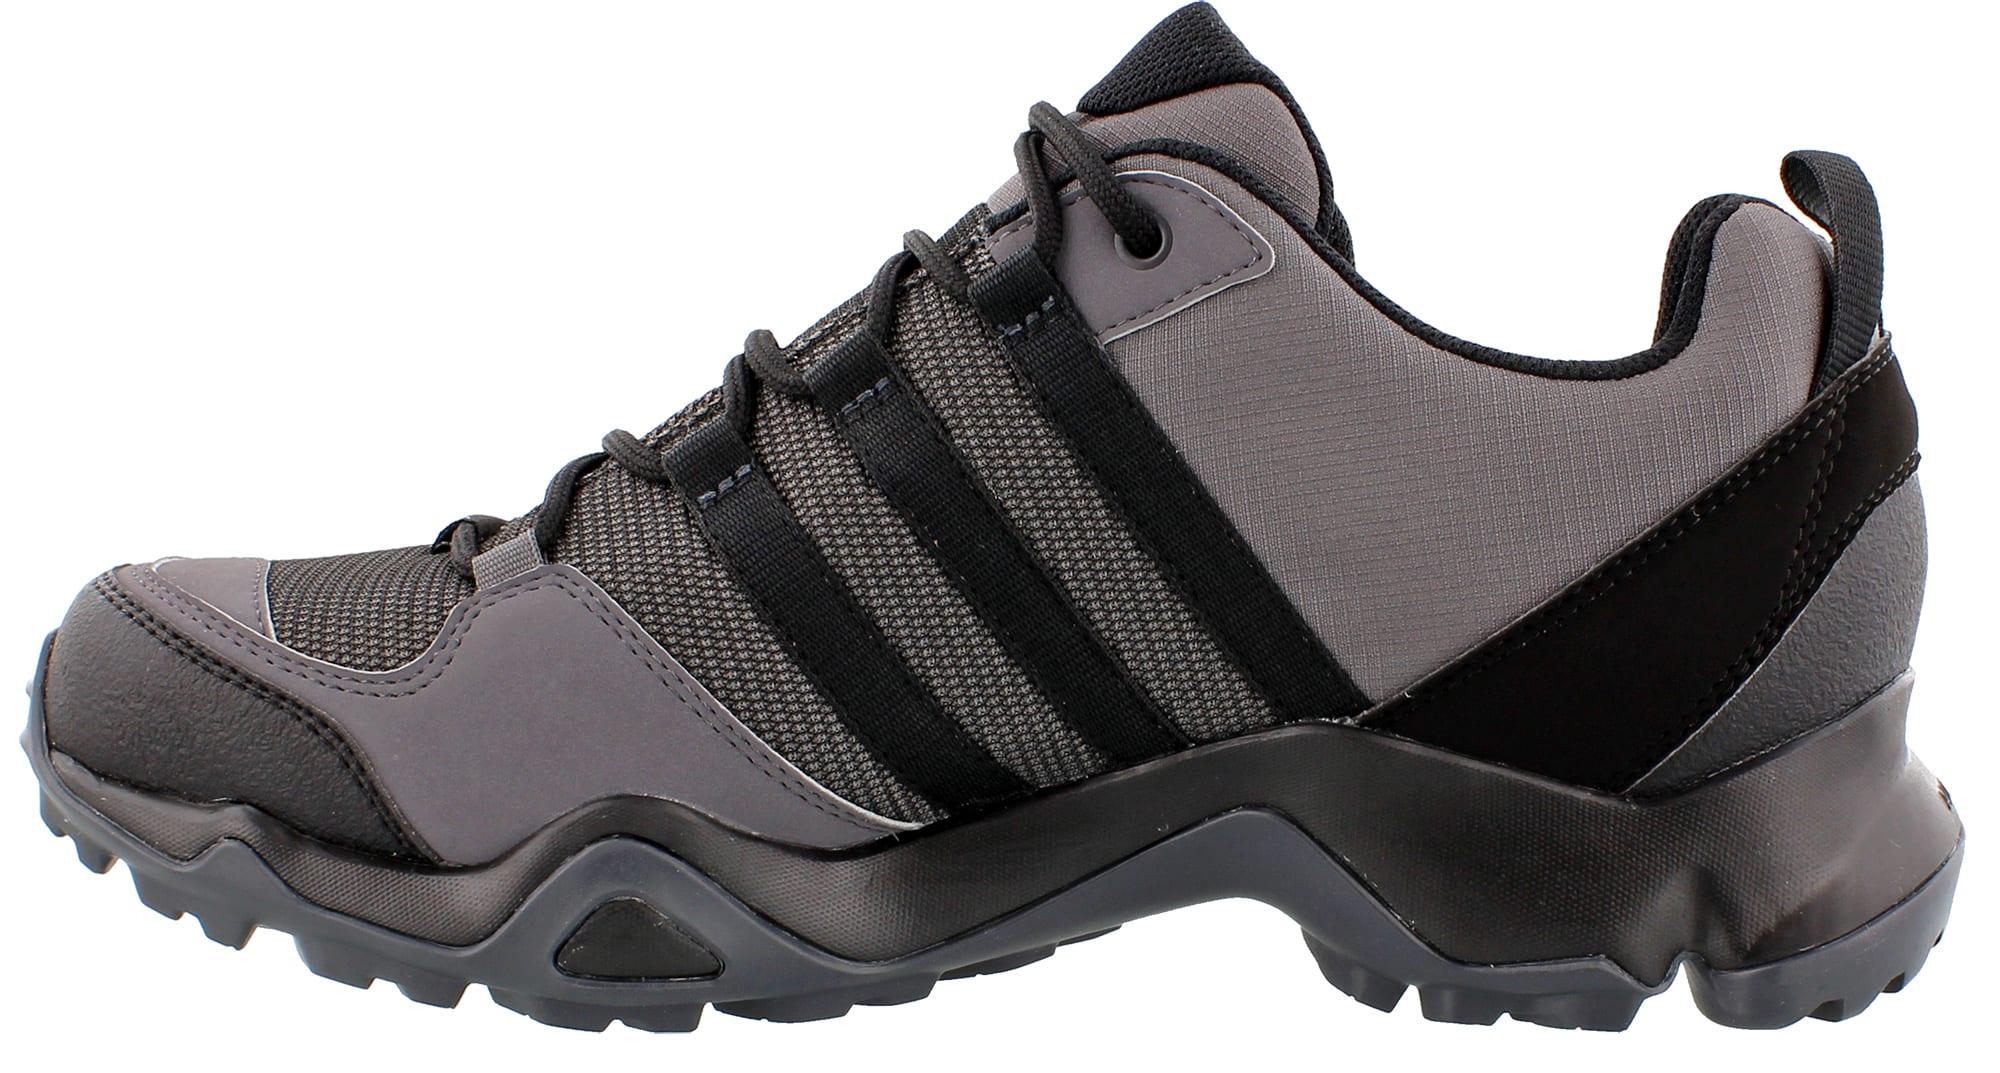 1e74f9f4bd5a0 Adidas AX2 CP Hiking Shoes - thumbnail 2